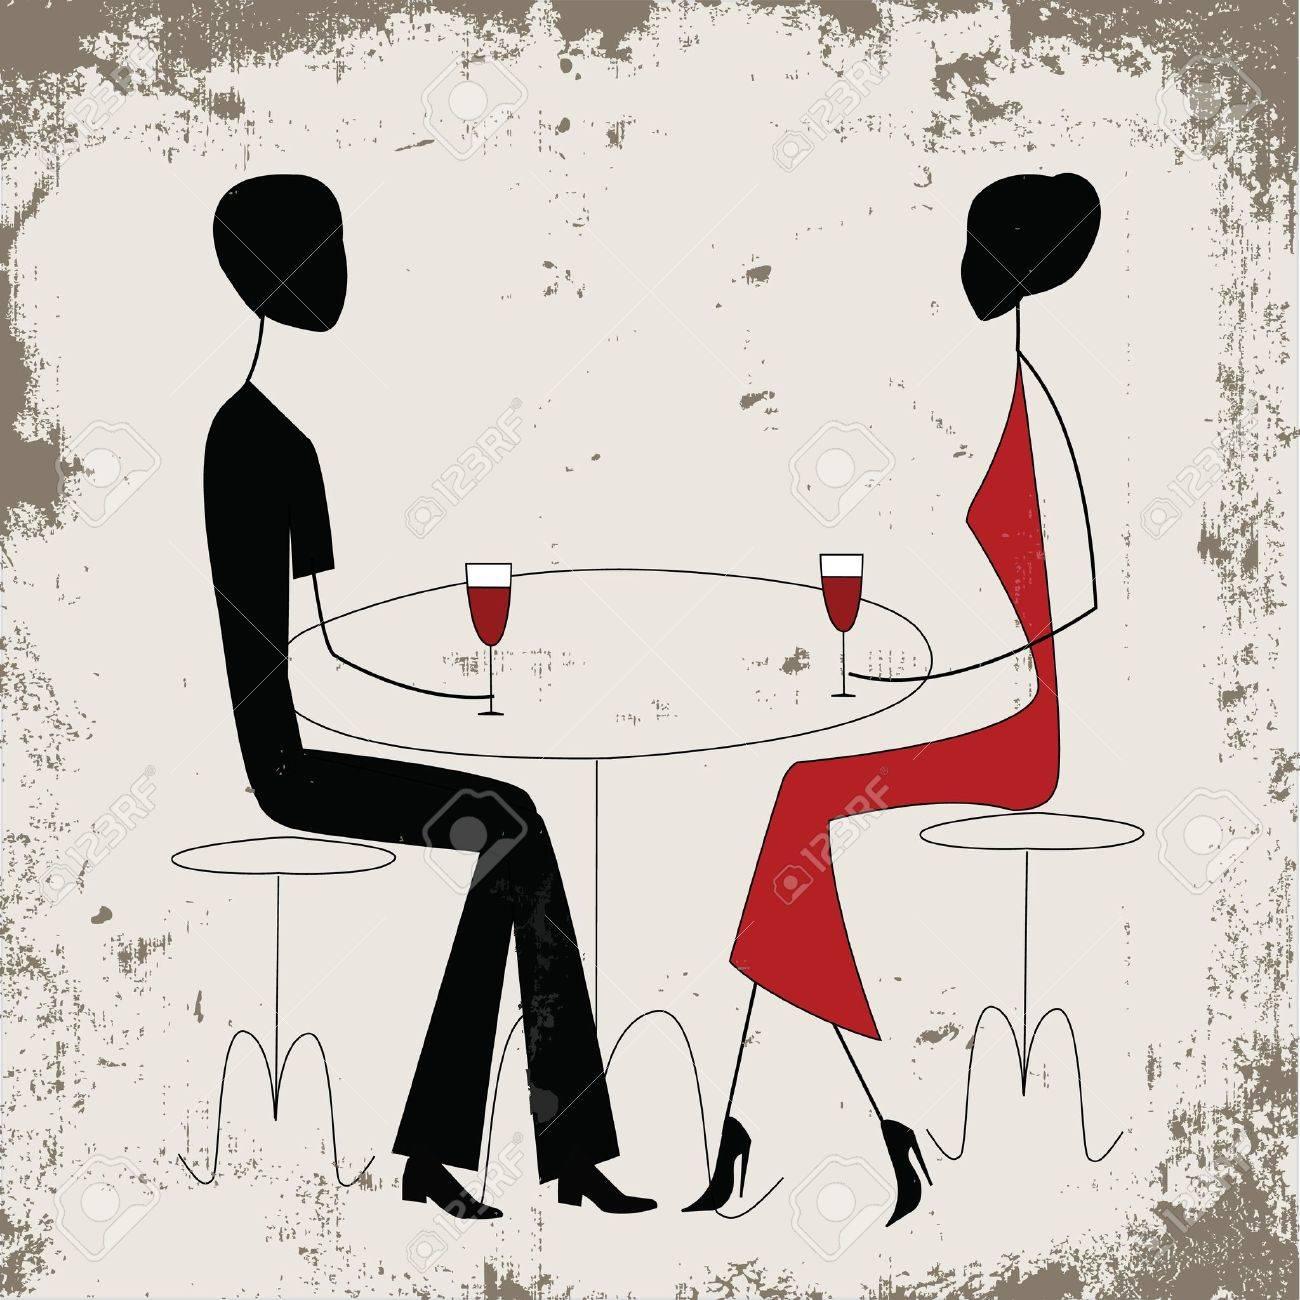 Hombre o mujer anuncio en un restaurante, de estilo vintage Foto de archivo - 12495024